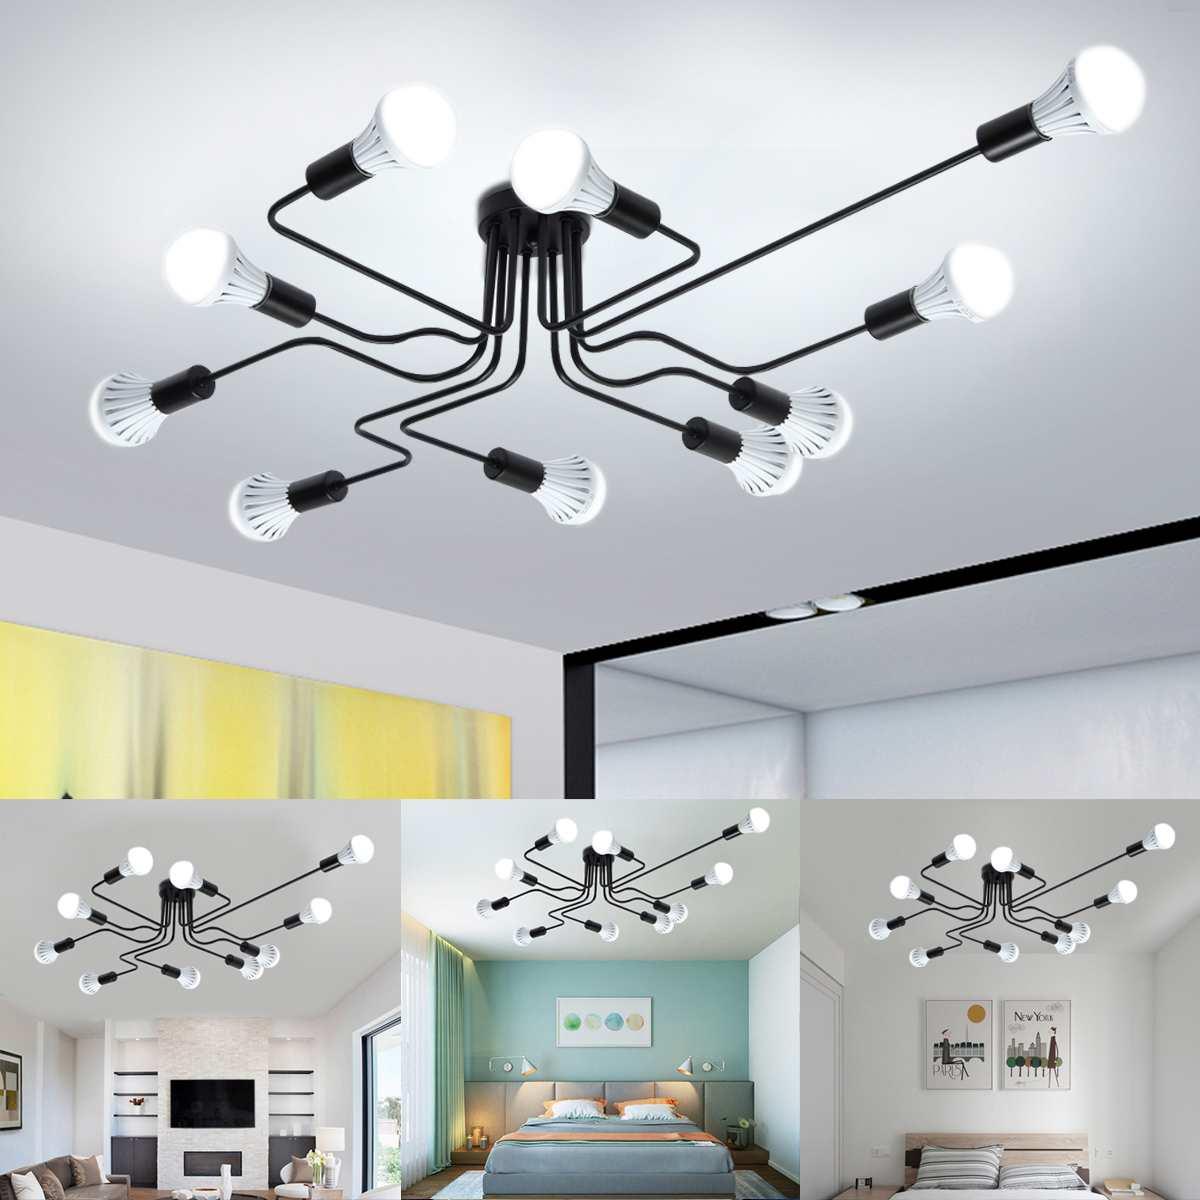 Современная Потолочная люстра E27, светодиодный светильник с 4/6/10 головками, для гостиной, спальни, люстры, домашние светильники, винтажная лампа|Потолочные лампы|   | АлиЭкспресс